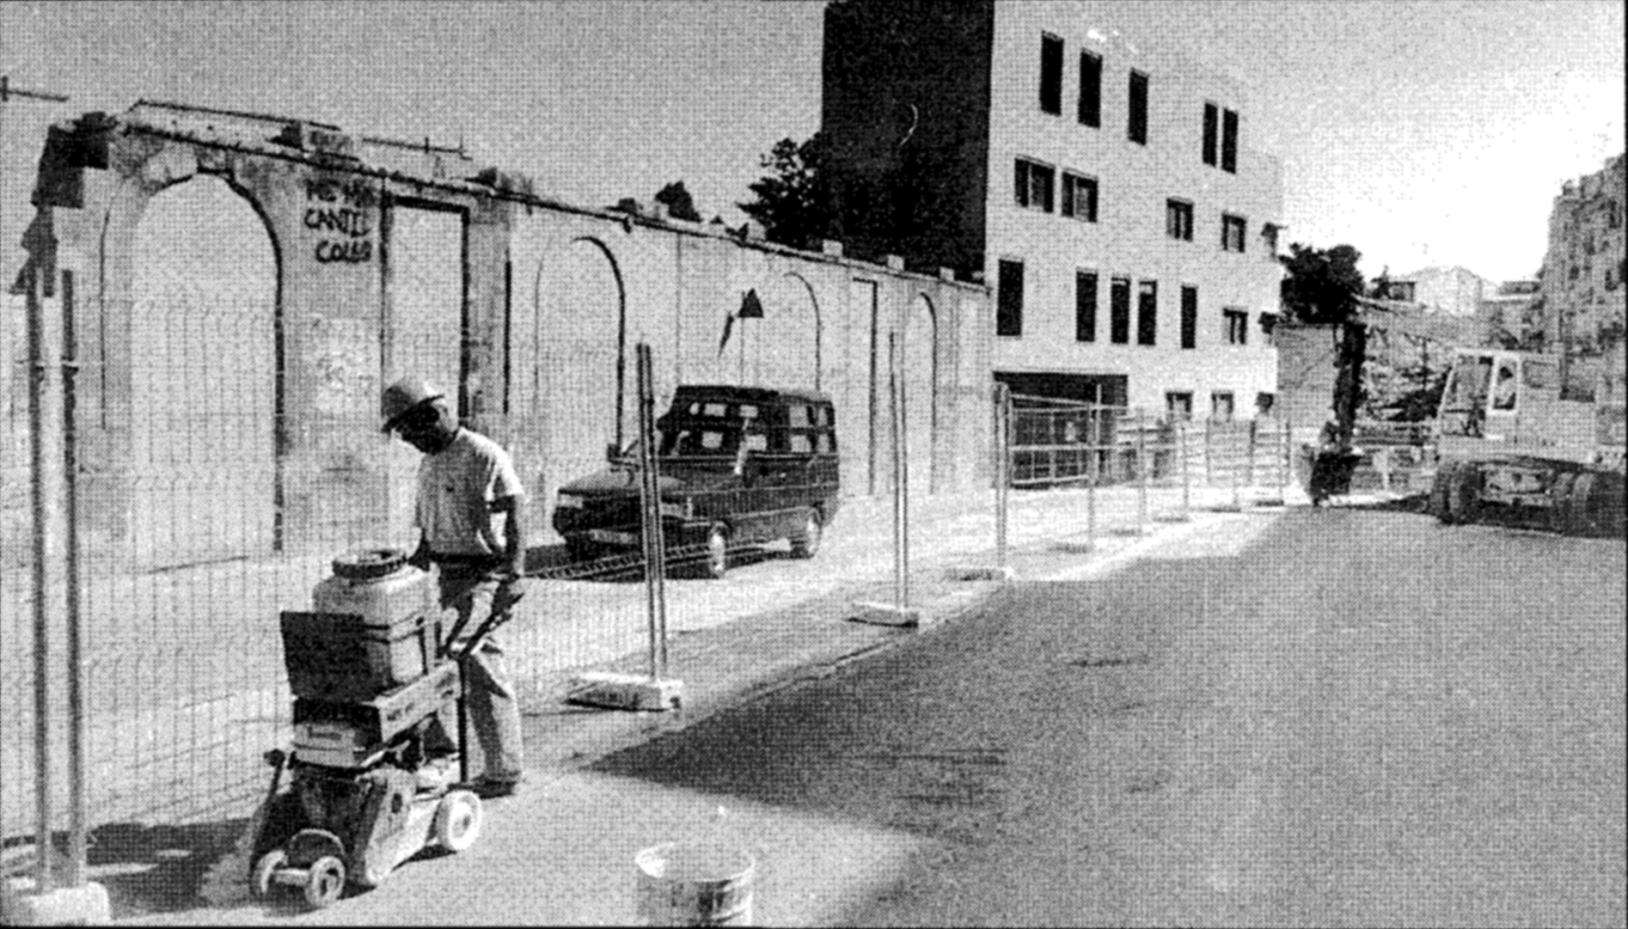 ciudad-19970506-00049966-el-cami-xavi-terol